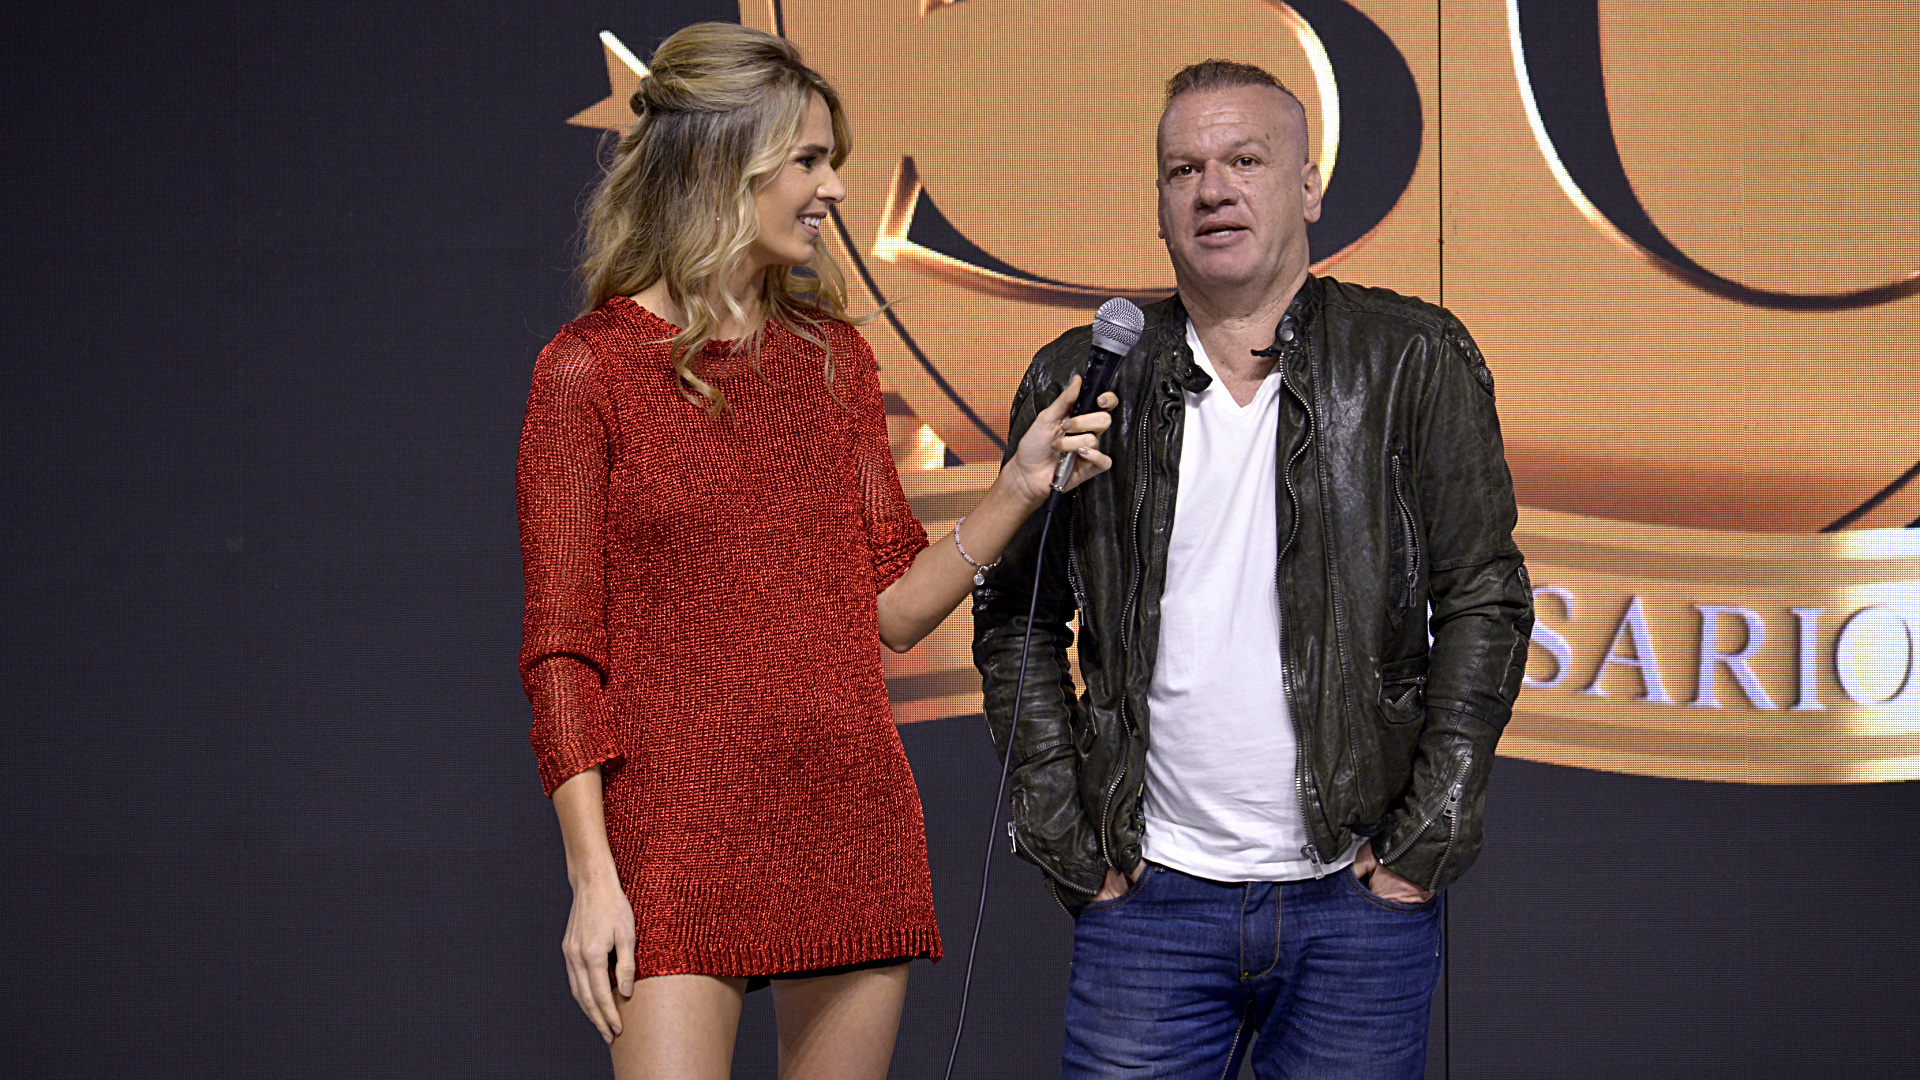 La modelo y periodista Rocío Vivas junto al empresario Leandro Rud en el backstage del desfile más esperado